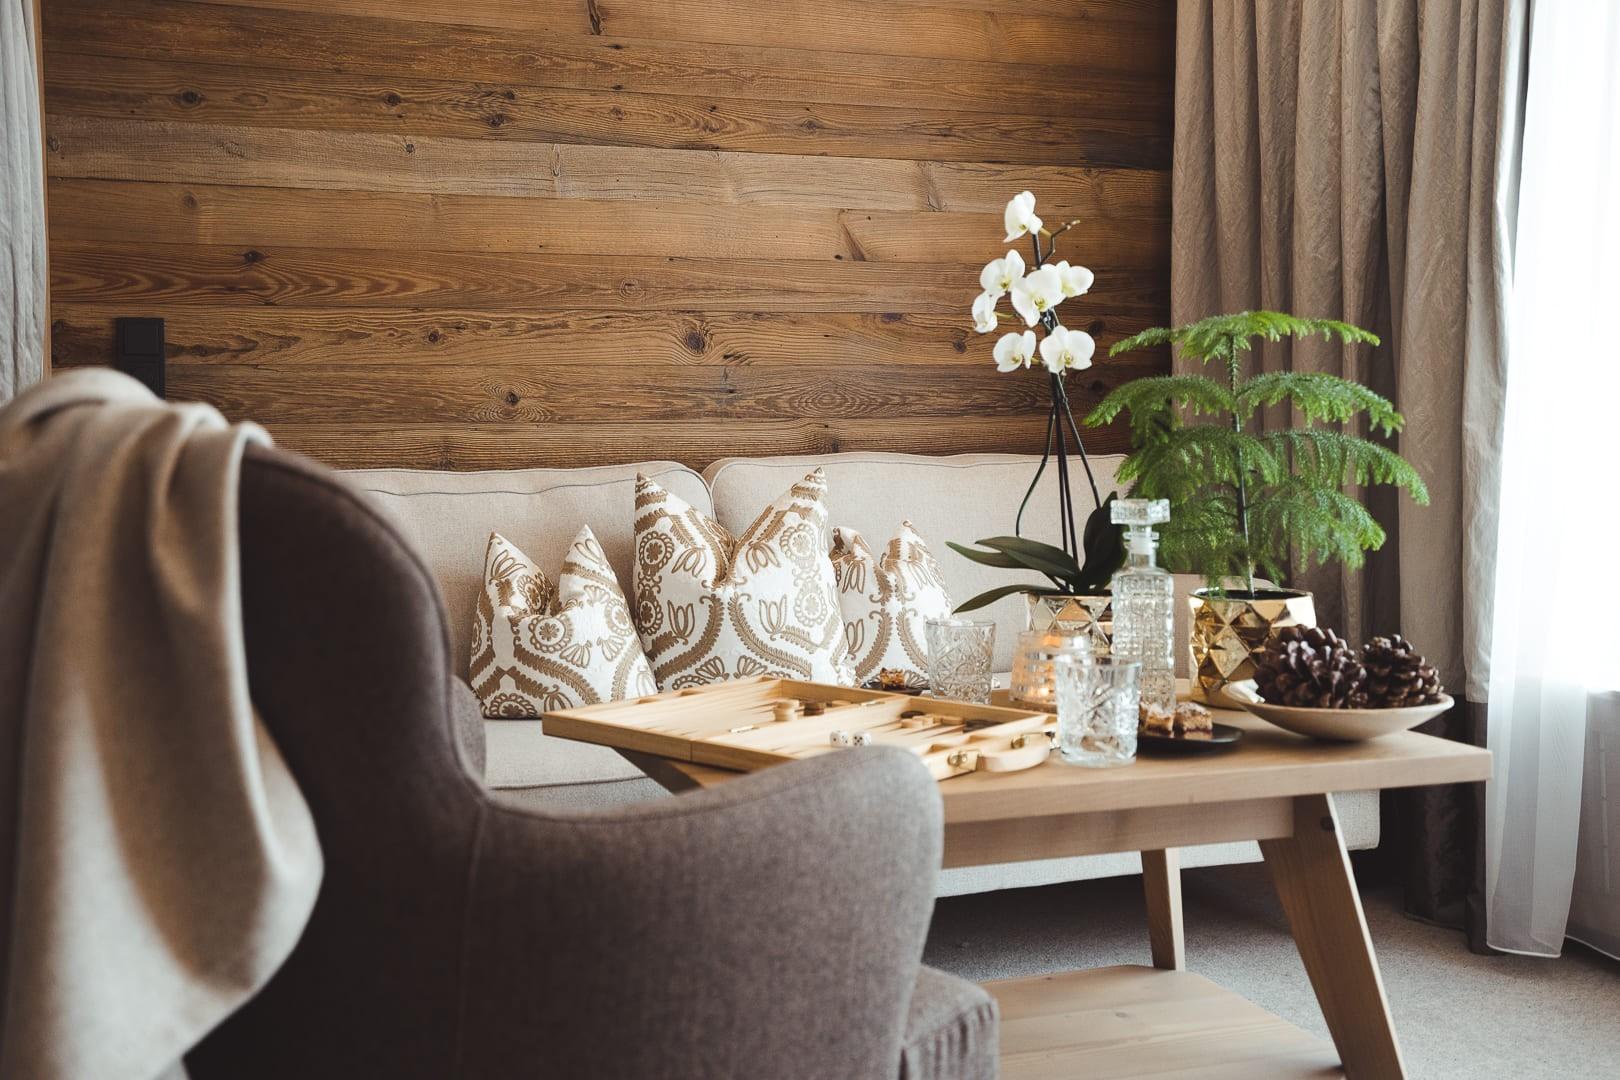 Wohnecke mit Stuhl und Tisch und Deko im hotel madlochBlick in Lech am Arlberg.